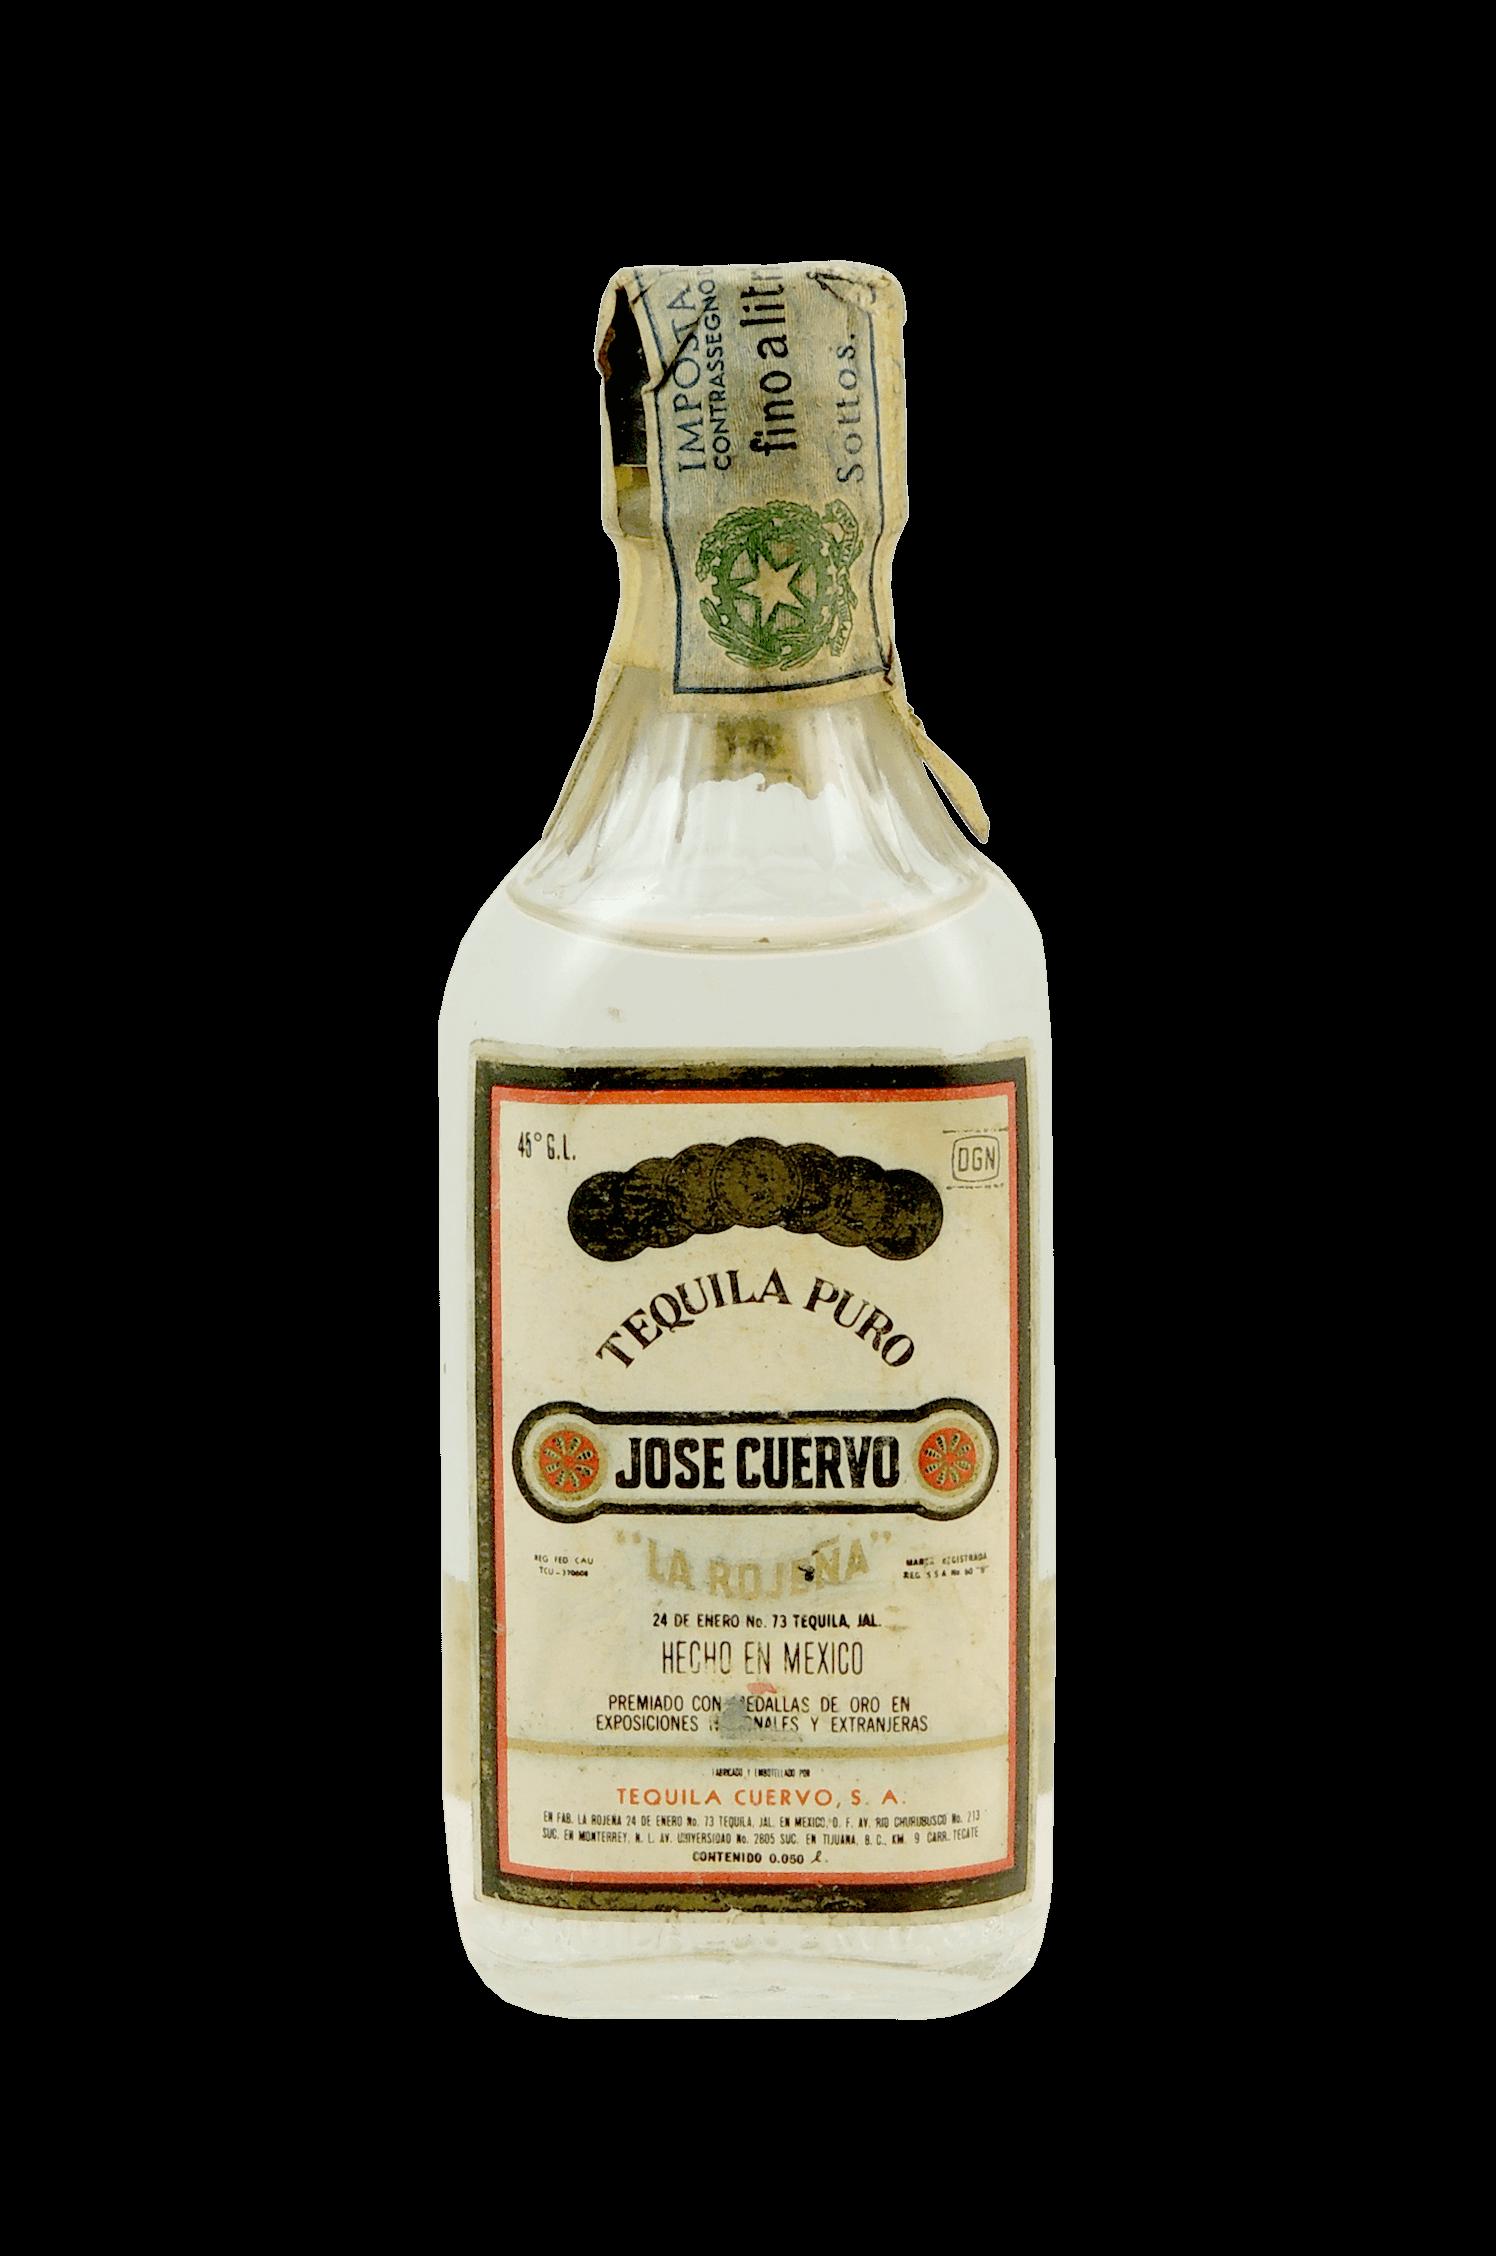 Jose Cuervo Tequila Puro